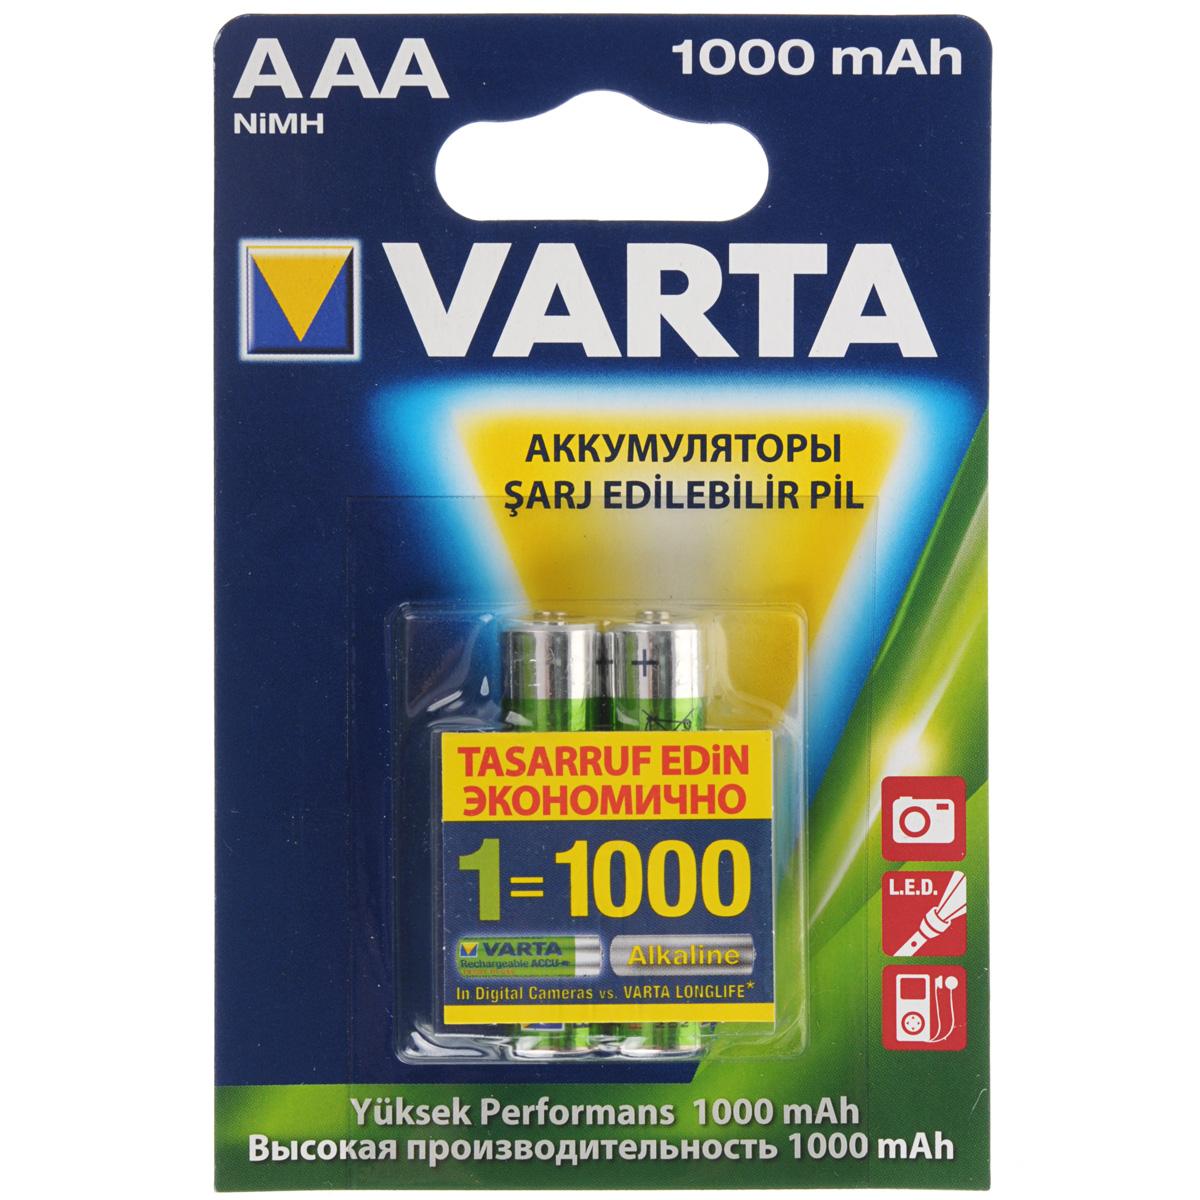 Аккумулятор Varta Ready2Use, тип ААА, 1000 мАч, 2 шт аккумуляторы предзаряженные duracell тип ааа 800 мач 2 шт